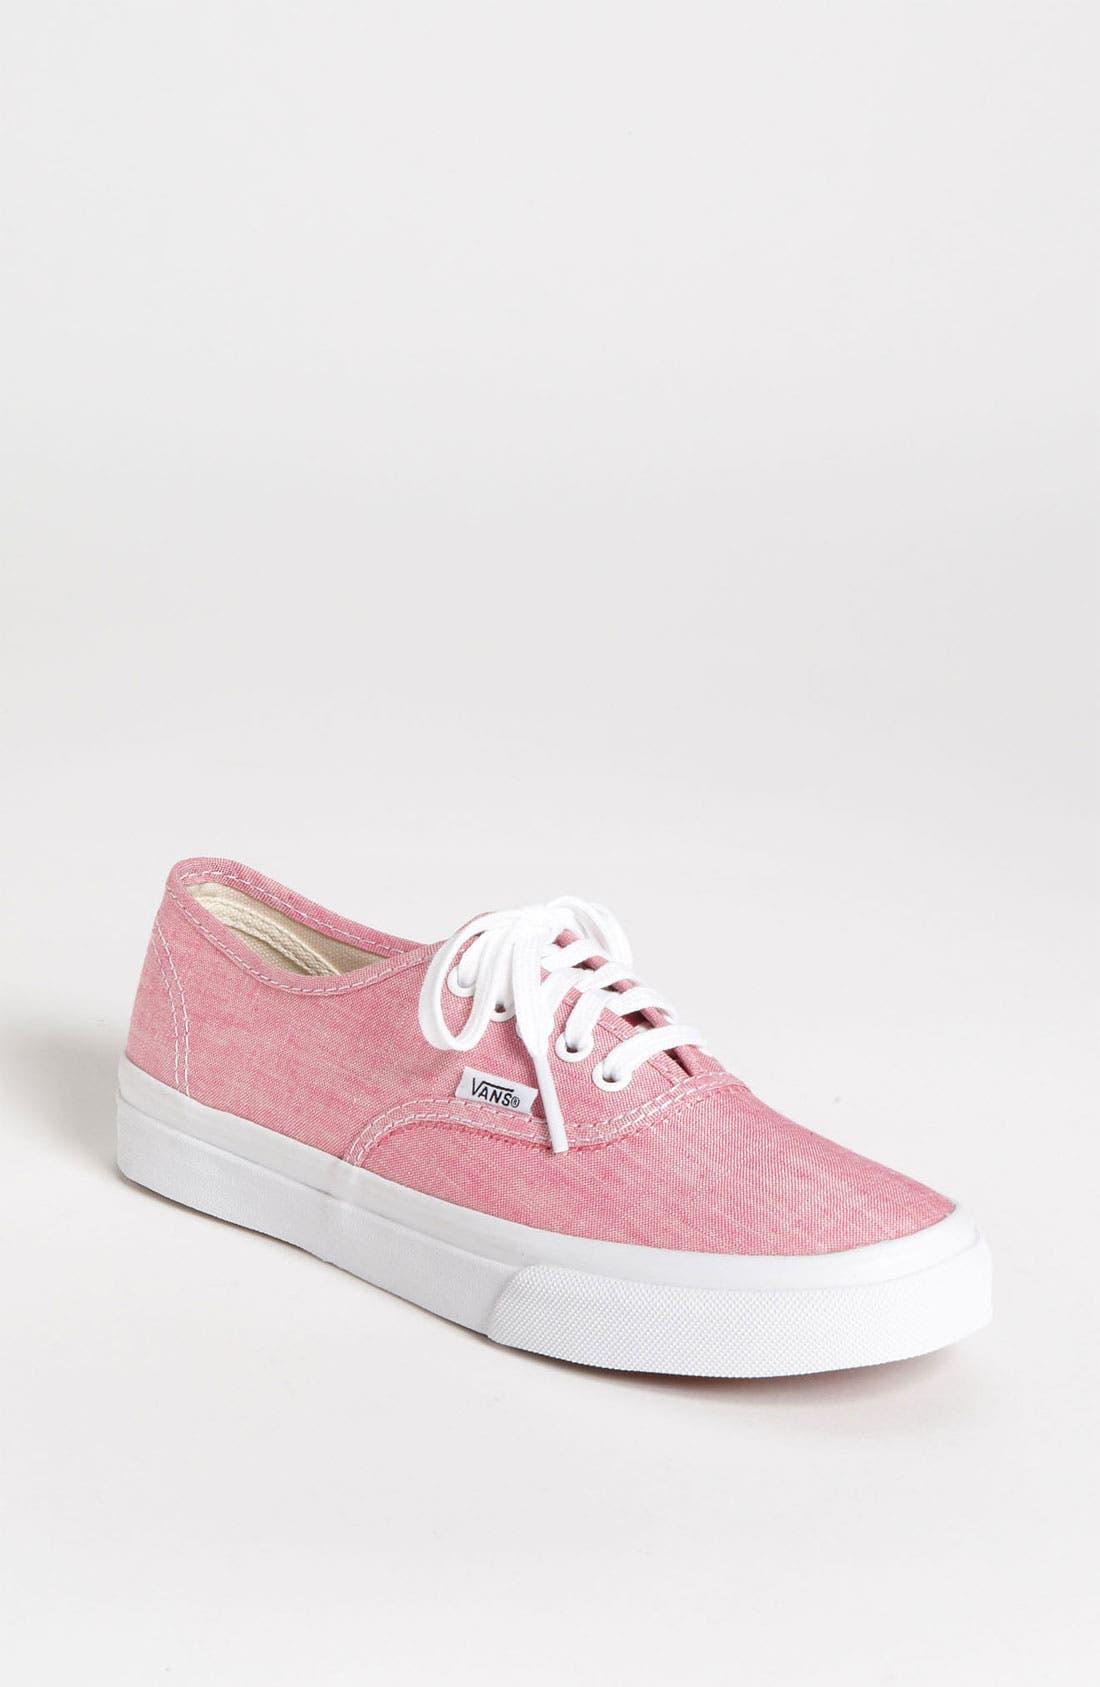 Alternate Image 1 Selected - Vans 'Authentic Slim - Van Doren' Sneaker (Women)